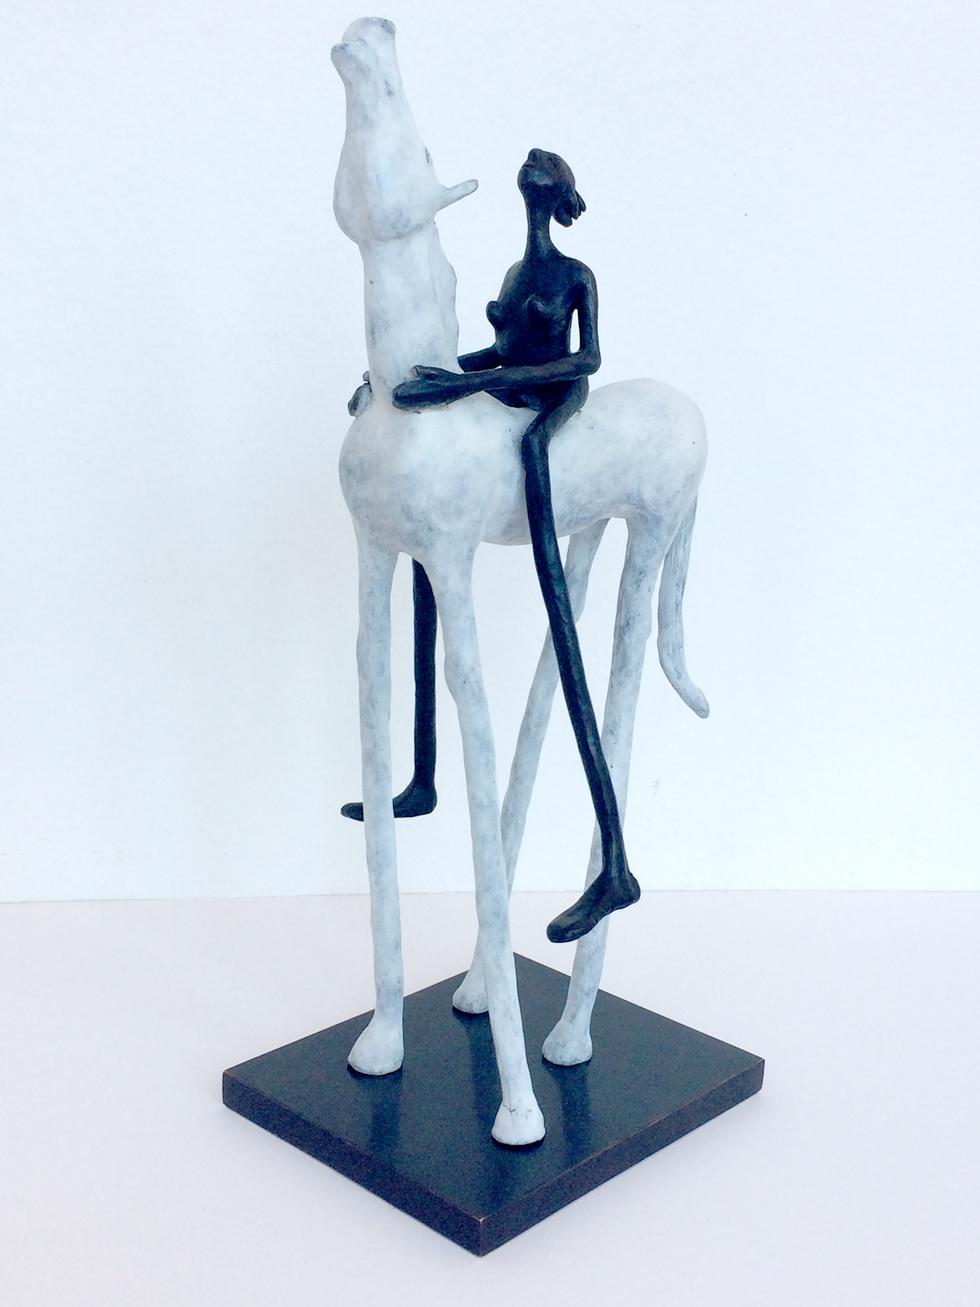 Caballito-Inke-Zeegelaar-sculptures